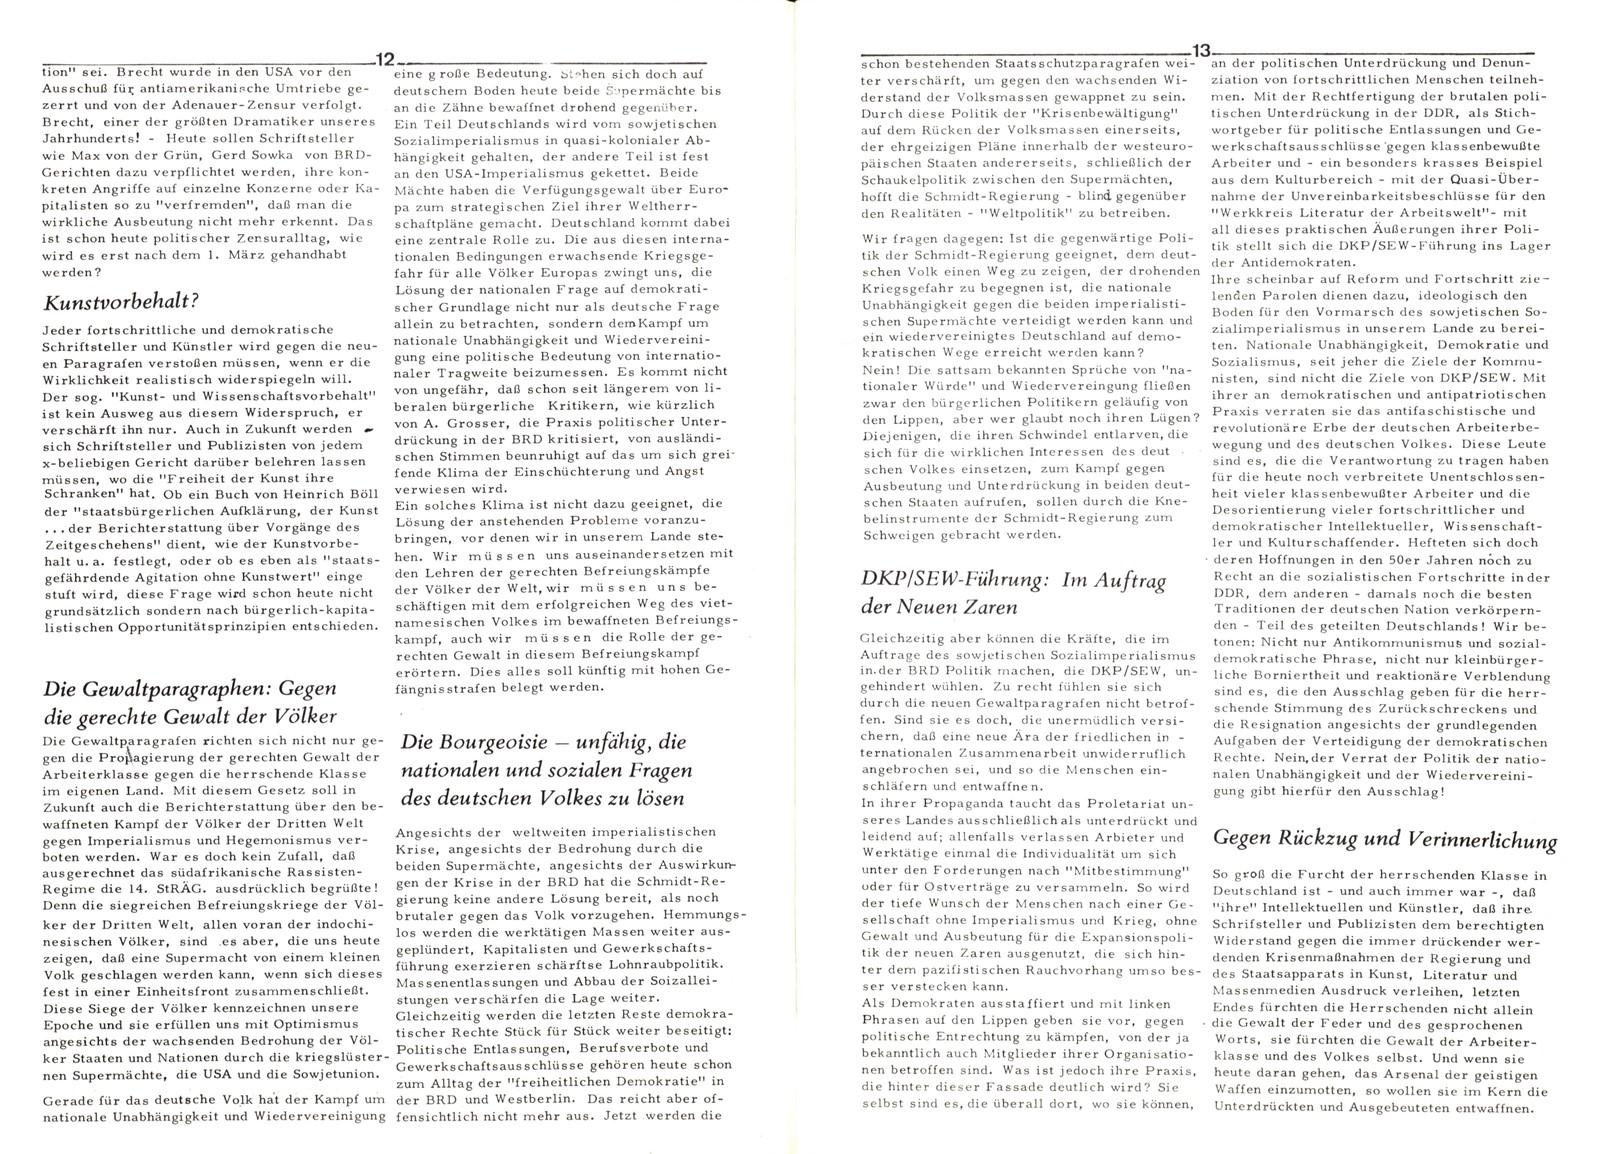 VSK_Kaempfende_Kunst_19760200_Sonderdruck_07